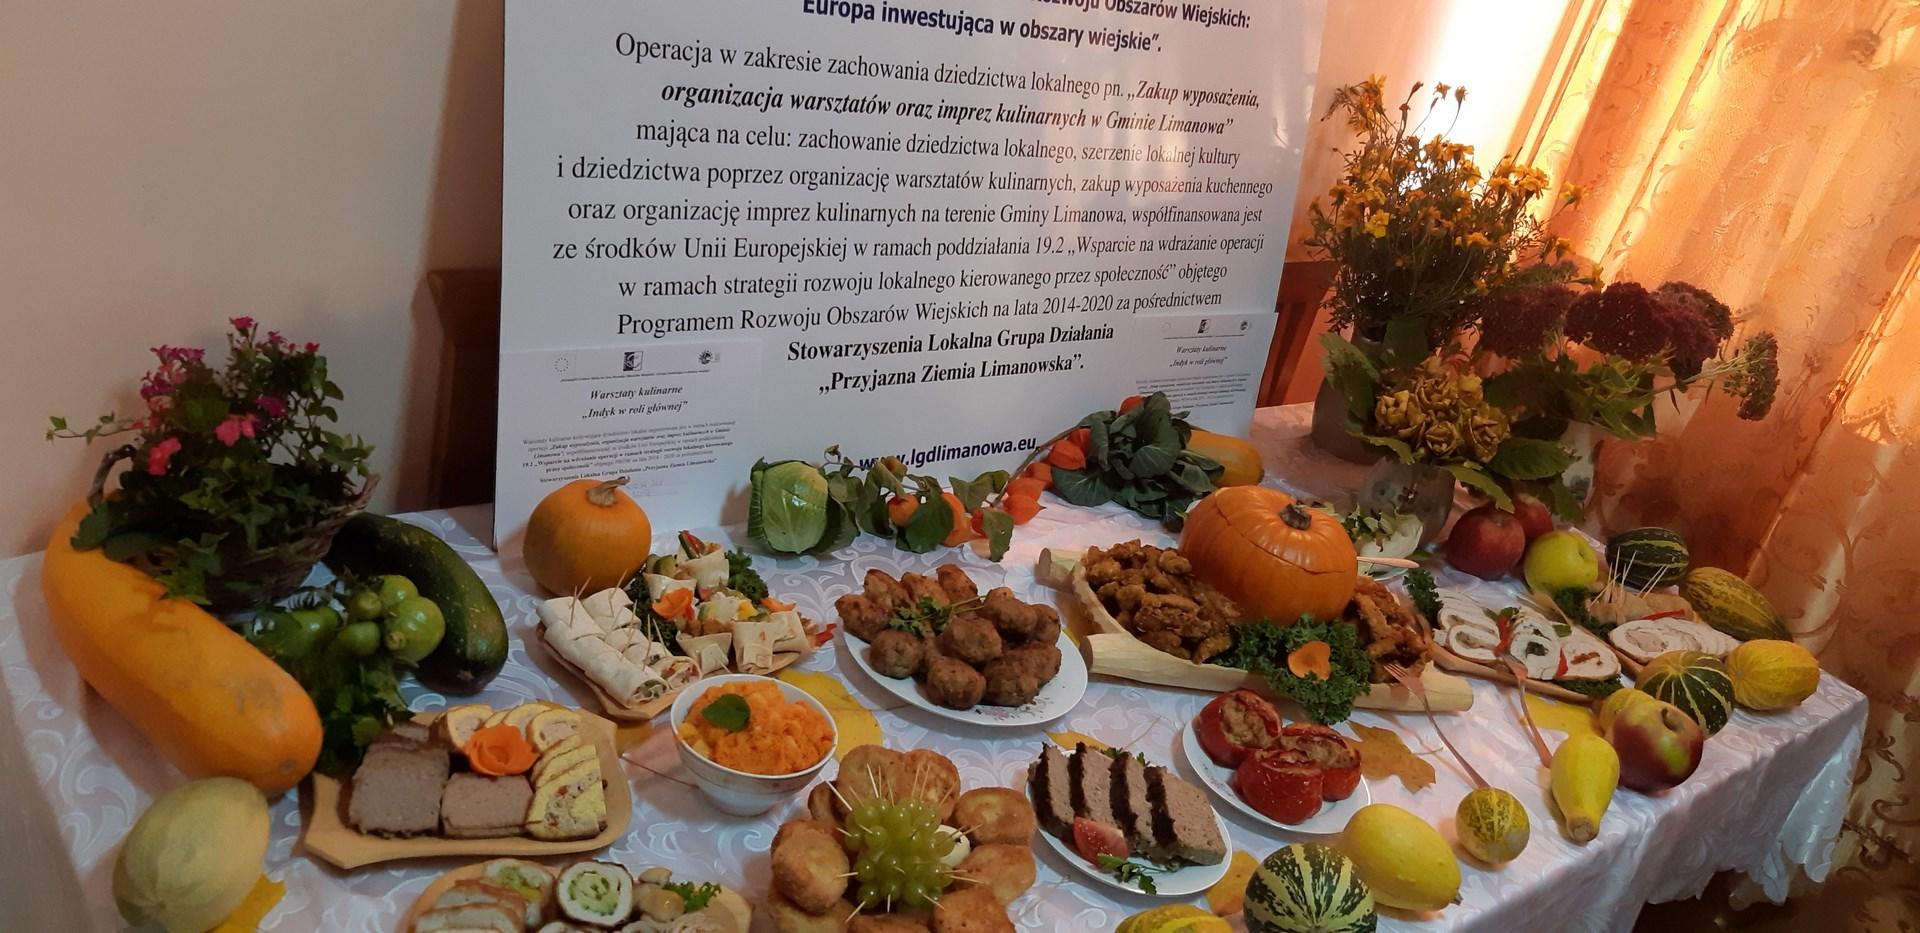 Warsztaty kulinarne KGW Rupniów Centrum i KGW Rupniów Bednarki - zdjęcie główne